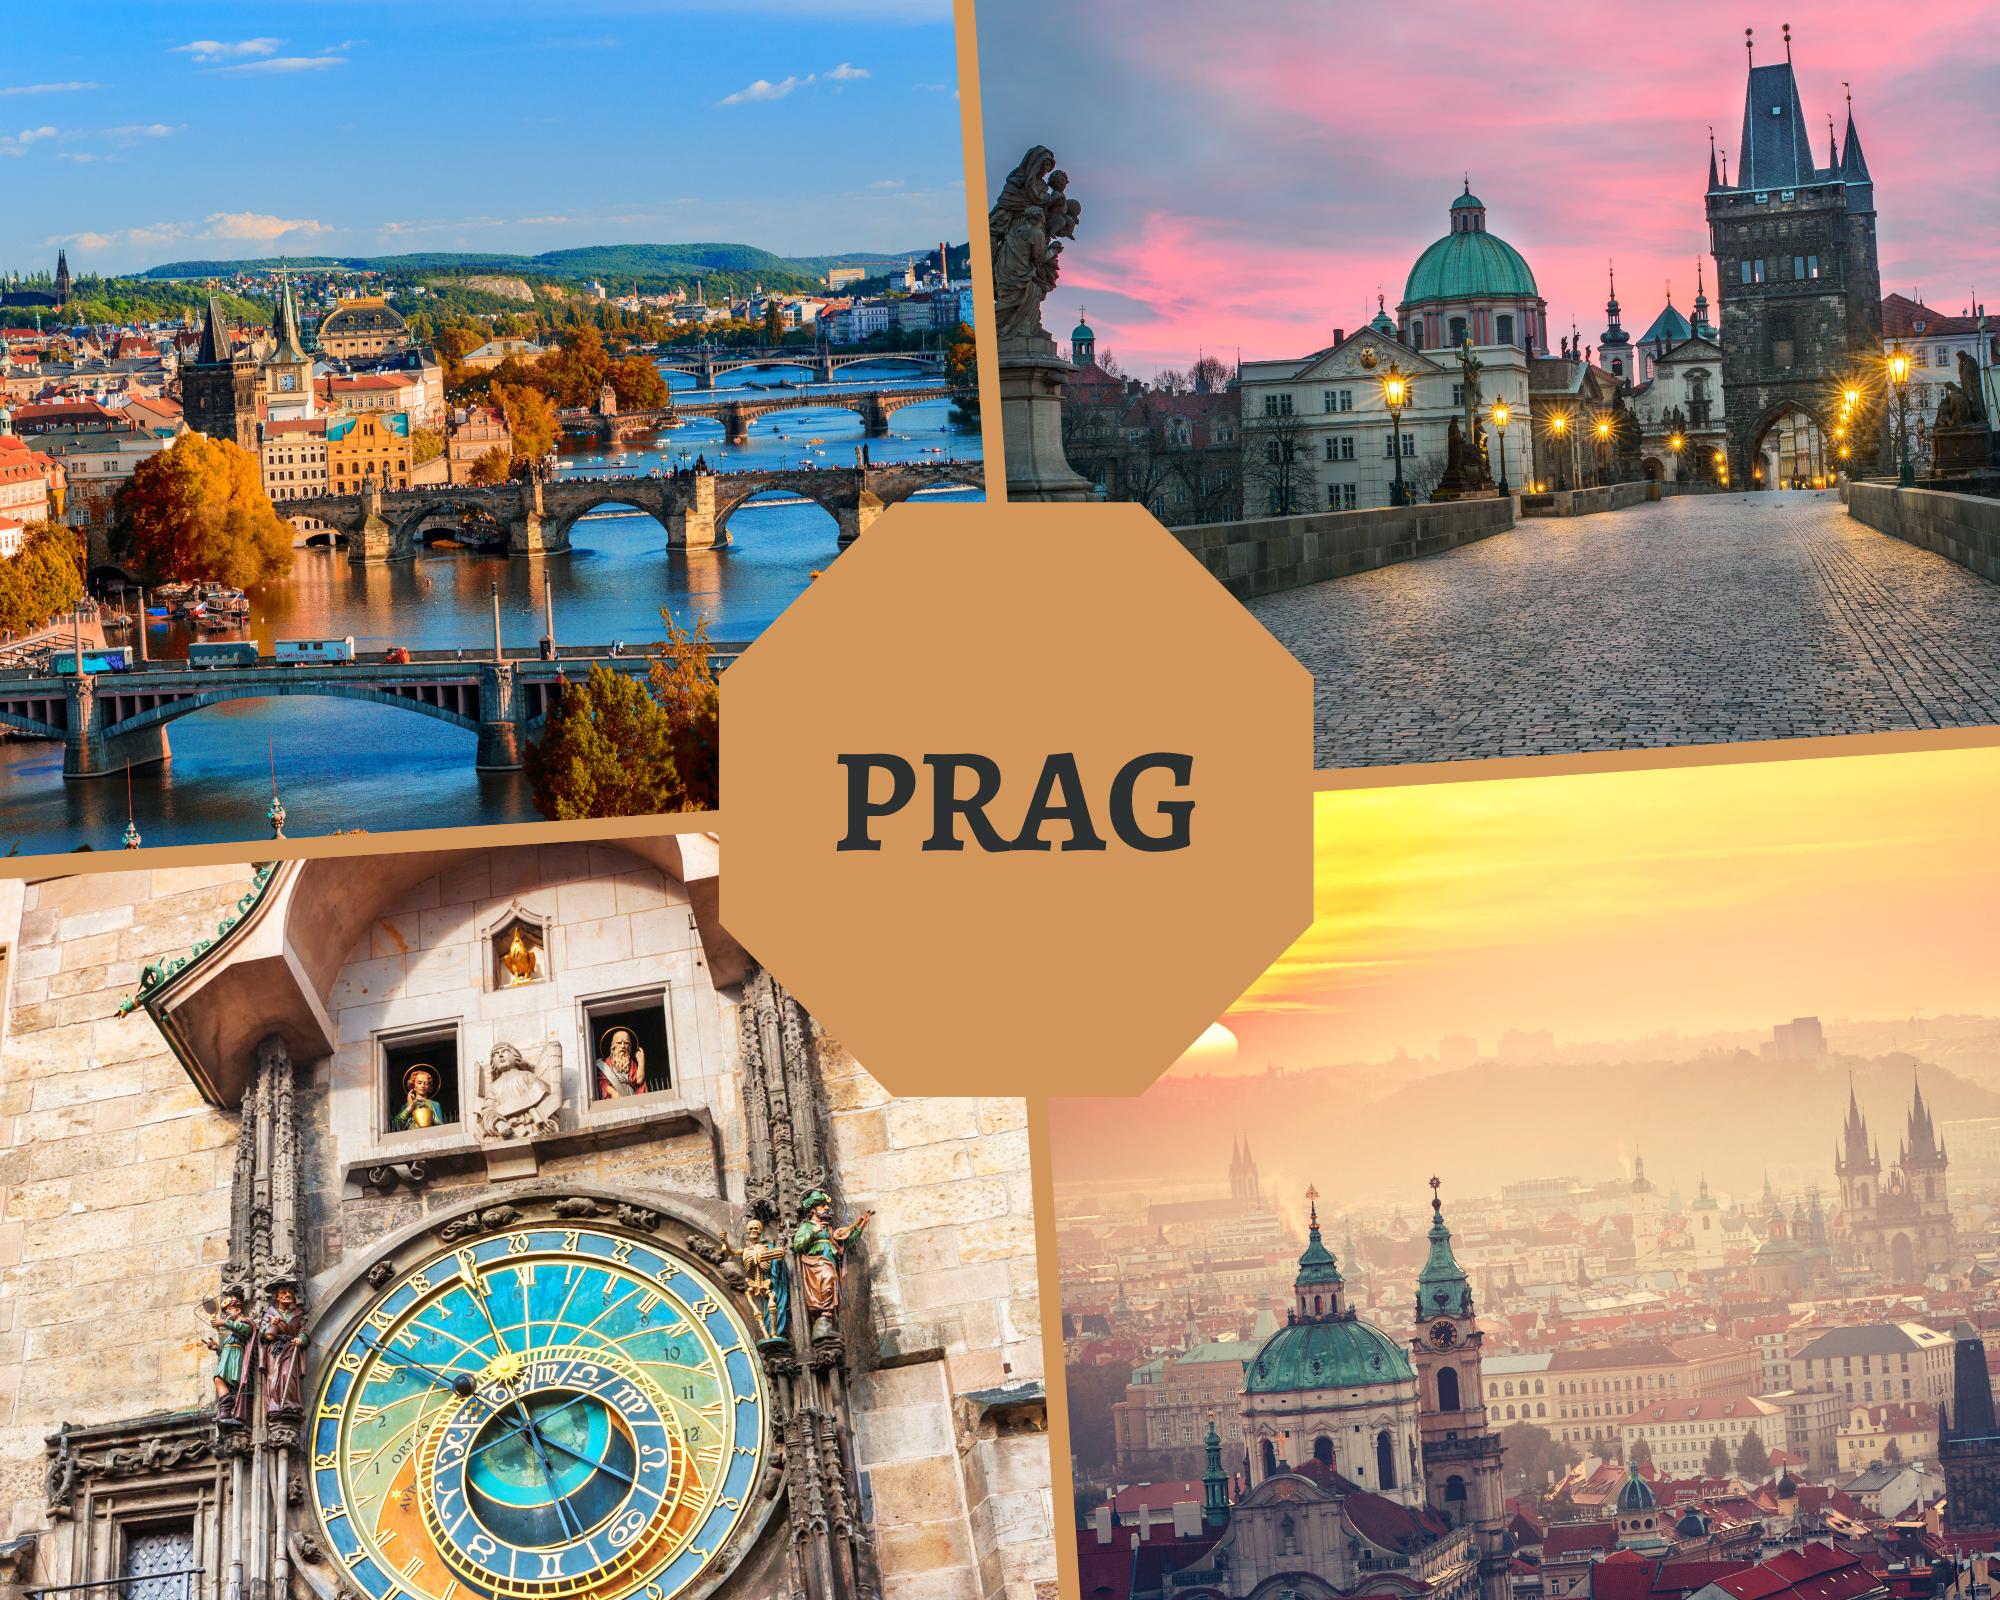 Klassenfahrt nach Prag Goldene Stadt an der Moldau 5 Tage